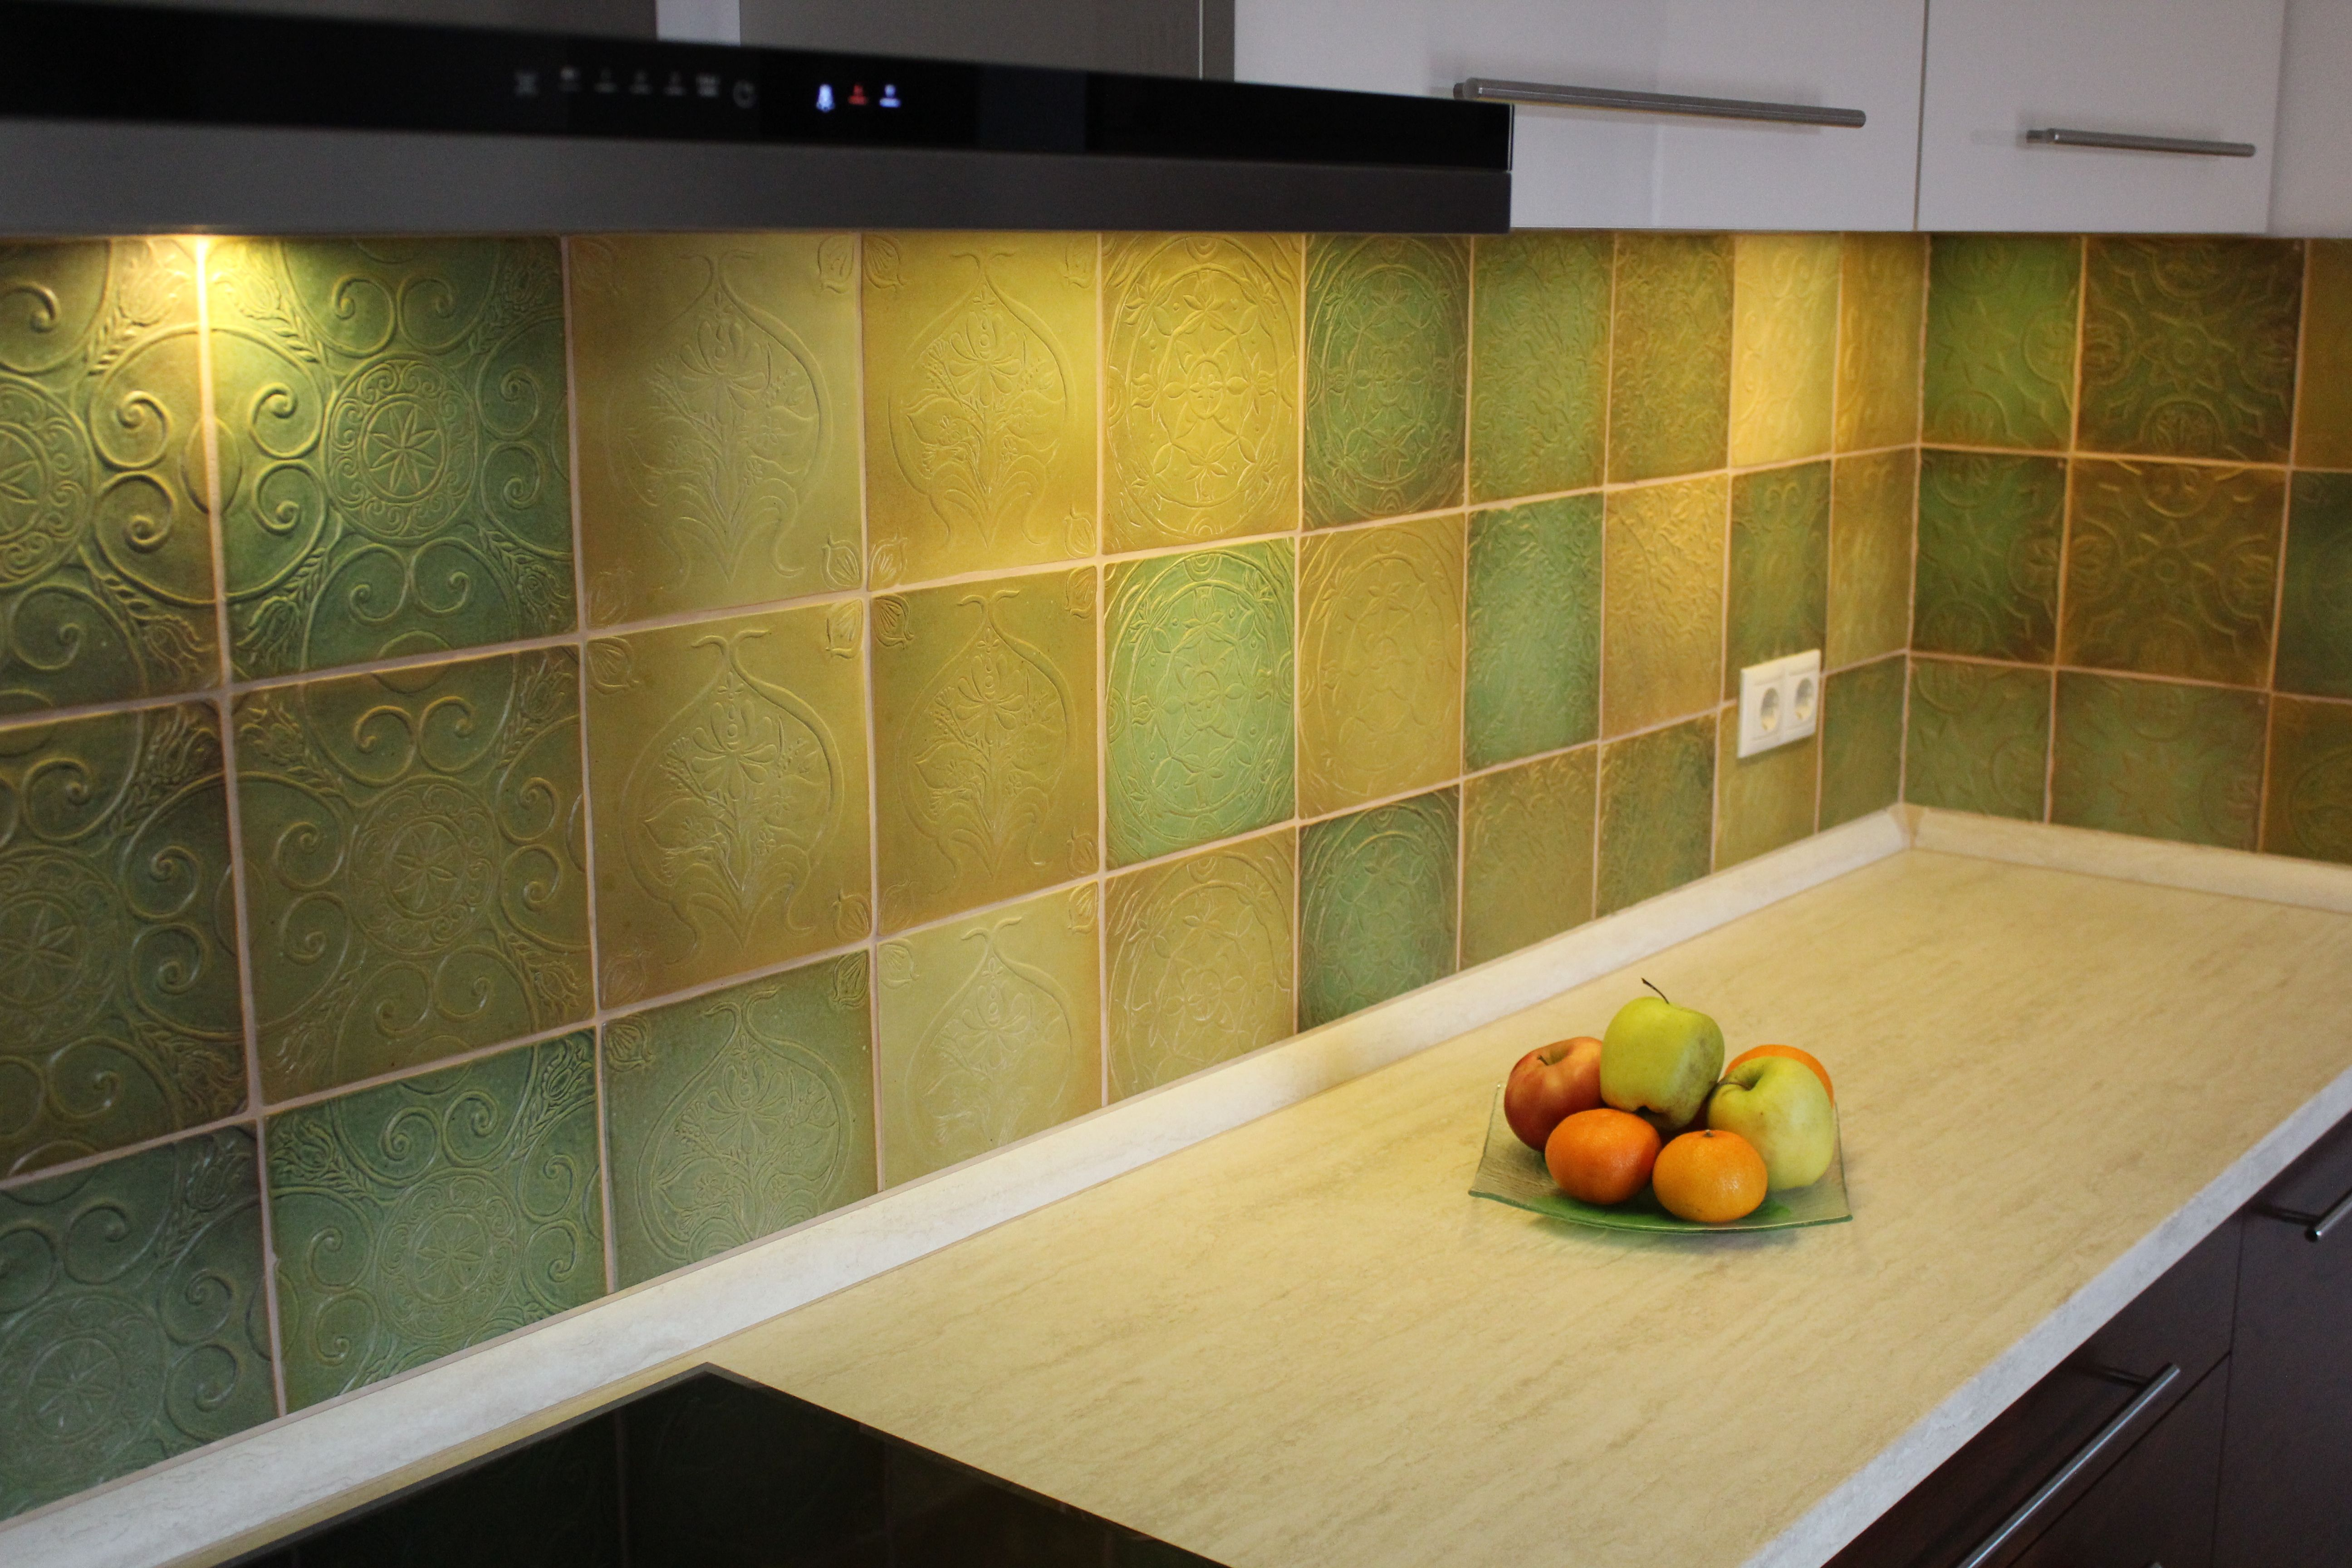 Green kitchen wall - handmade tiles | BA handmade tiles | Pinterest ...